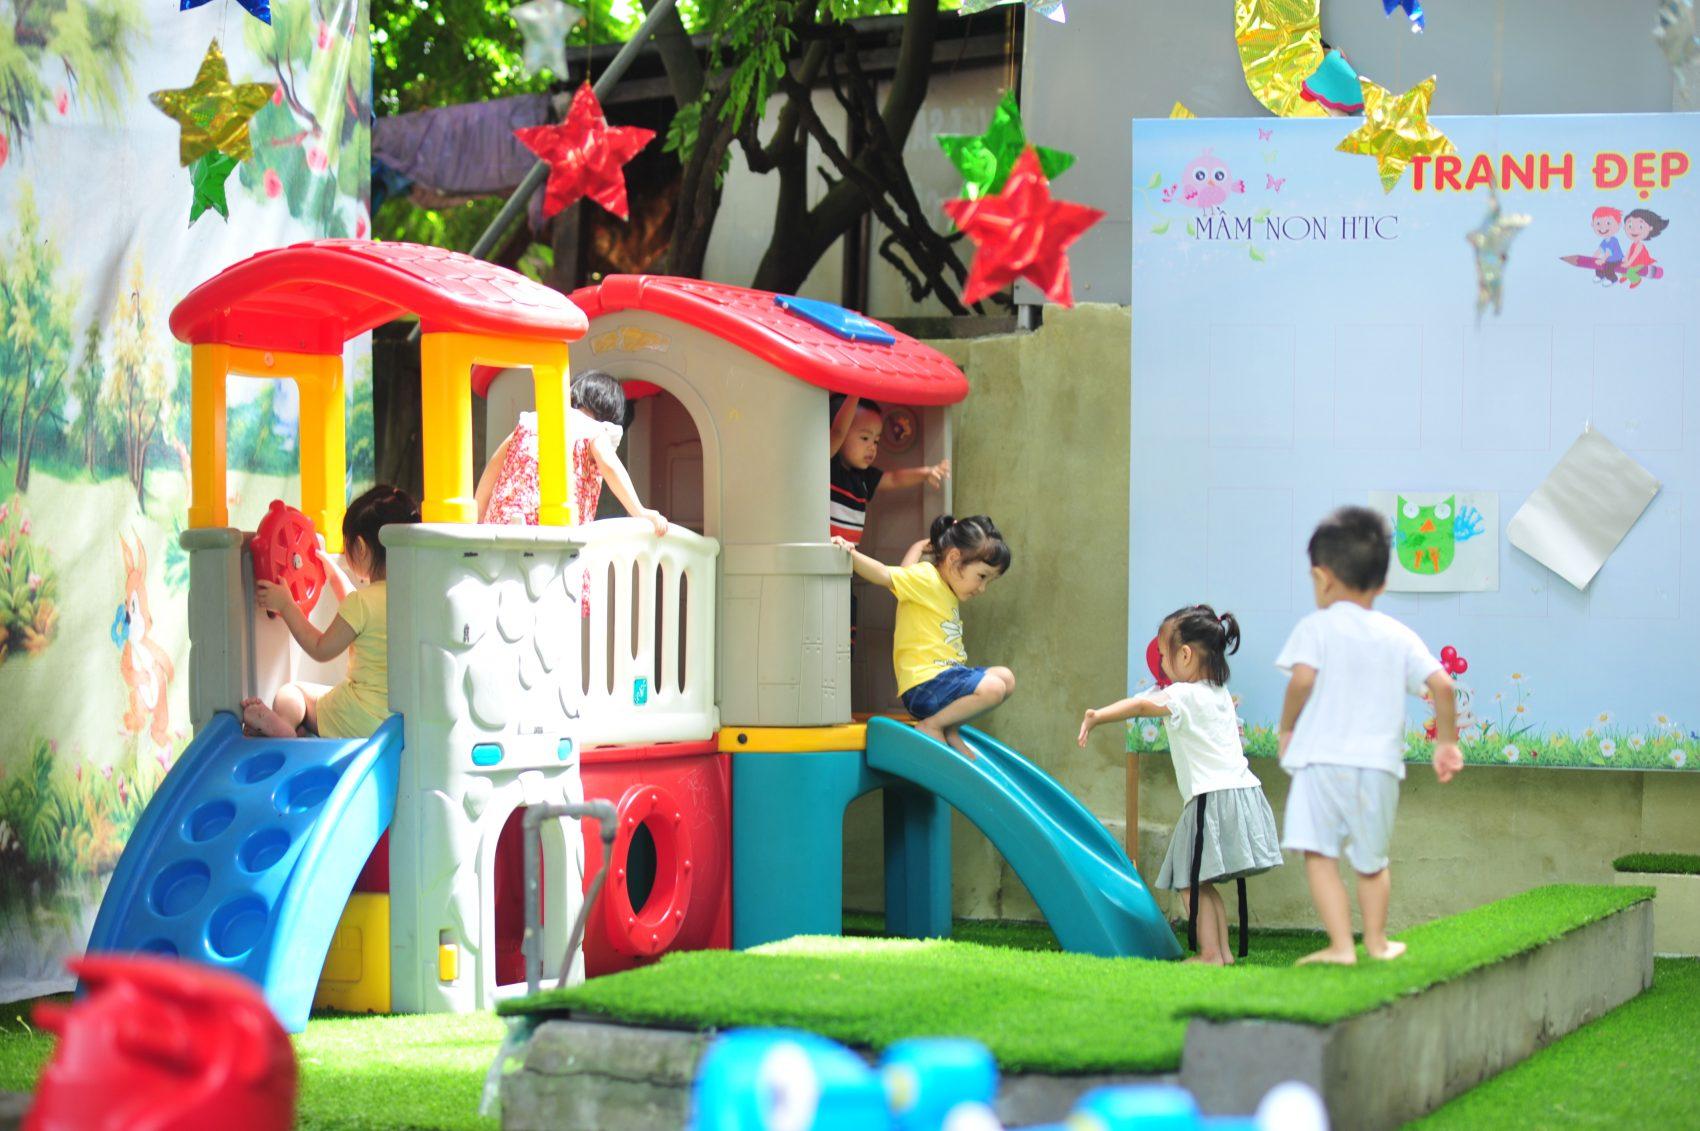 Cơ sở vật chất trường mầm non HTC tại quận Thanh Xuân, quận Hai Bà Trưng, Hà Nội (Ảnh: website trường)